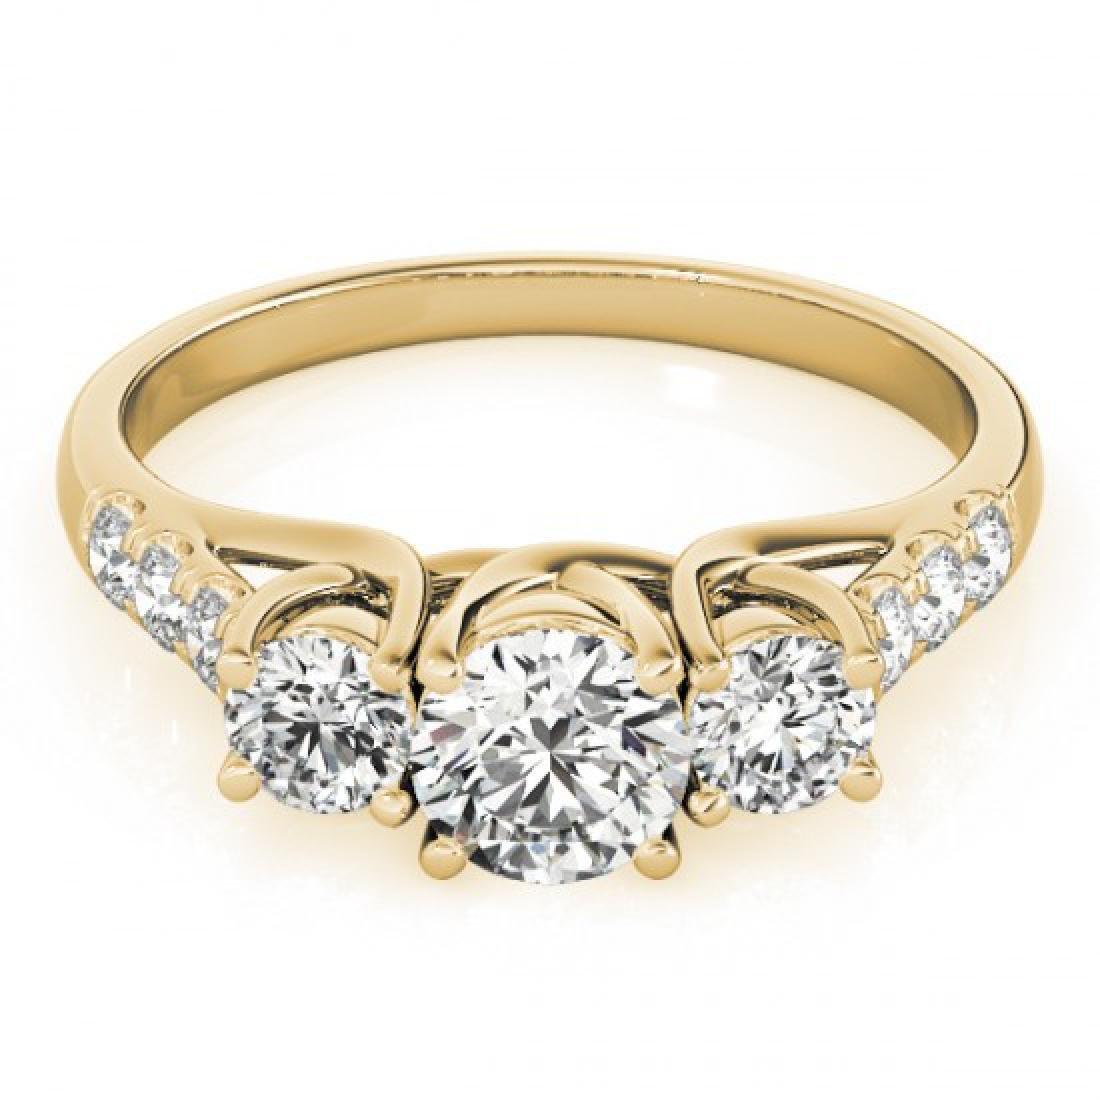 1.33 CTW Certified VS/SI Diamond 3 Stone Ring 14K